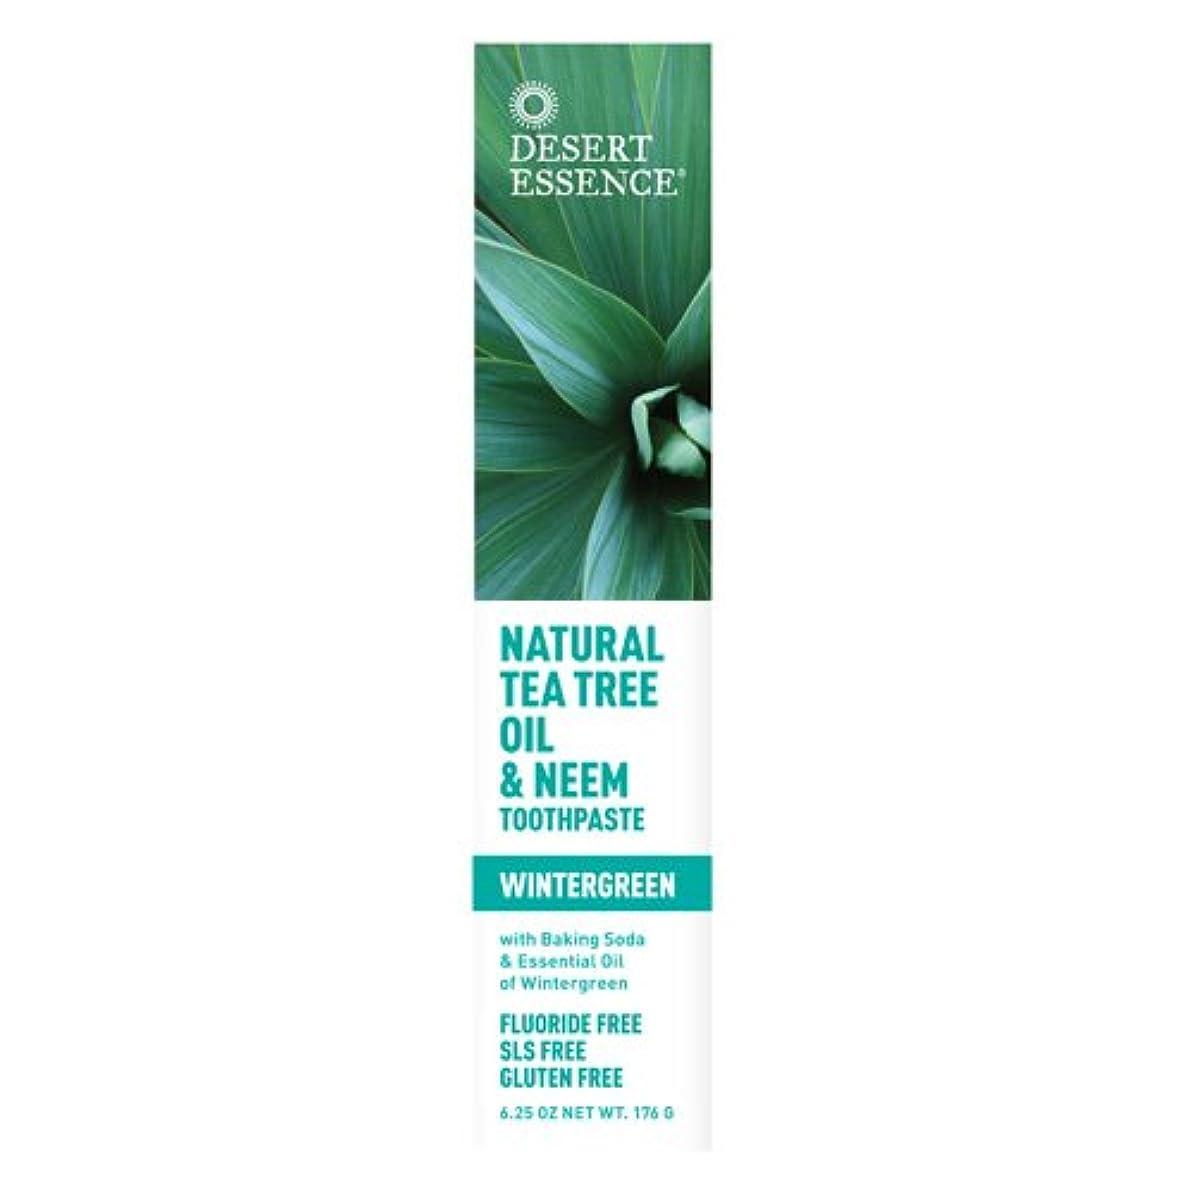 ライオネルグリーンストリートスタイル簡単にDesert Essence, Tea Tree Oil & Neem Tooth Winter 6.25 oz